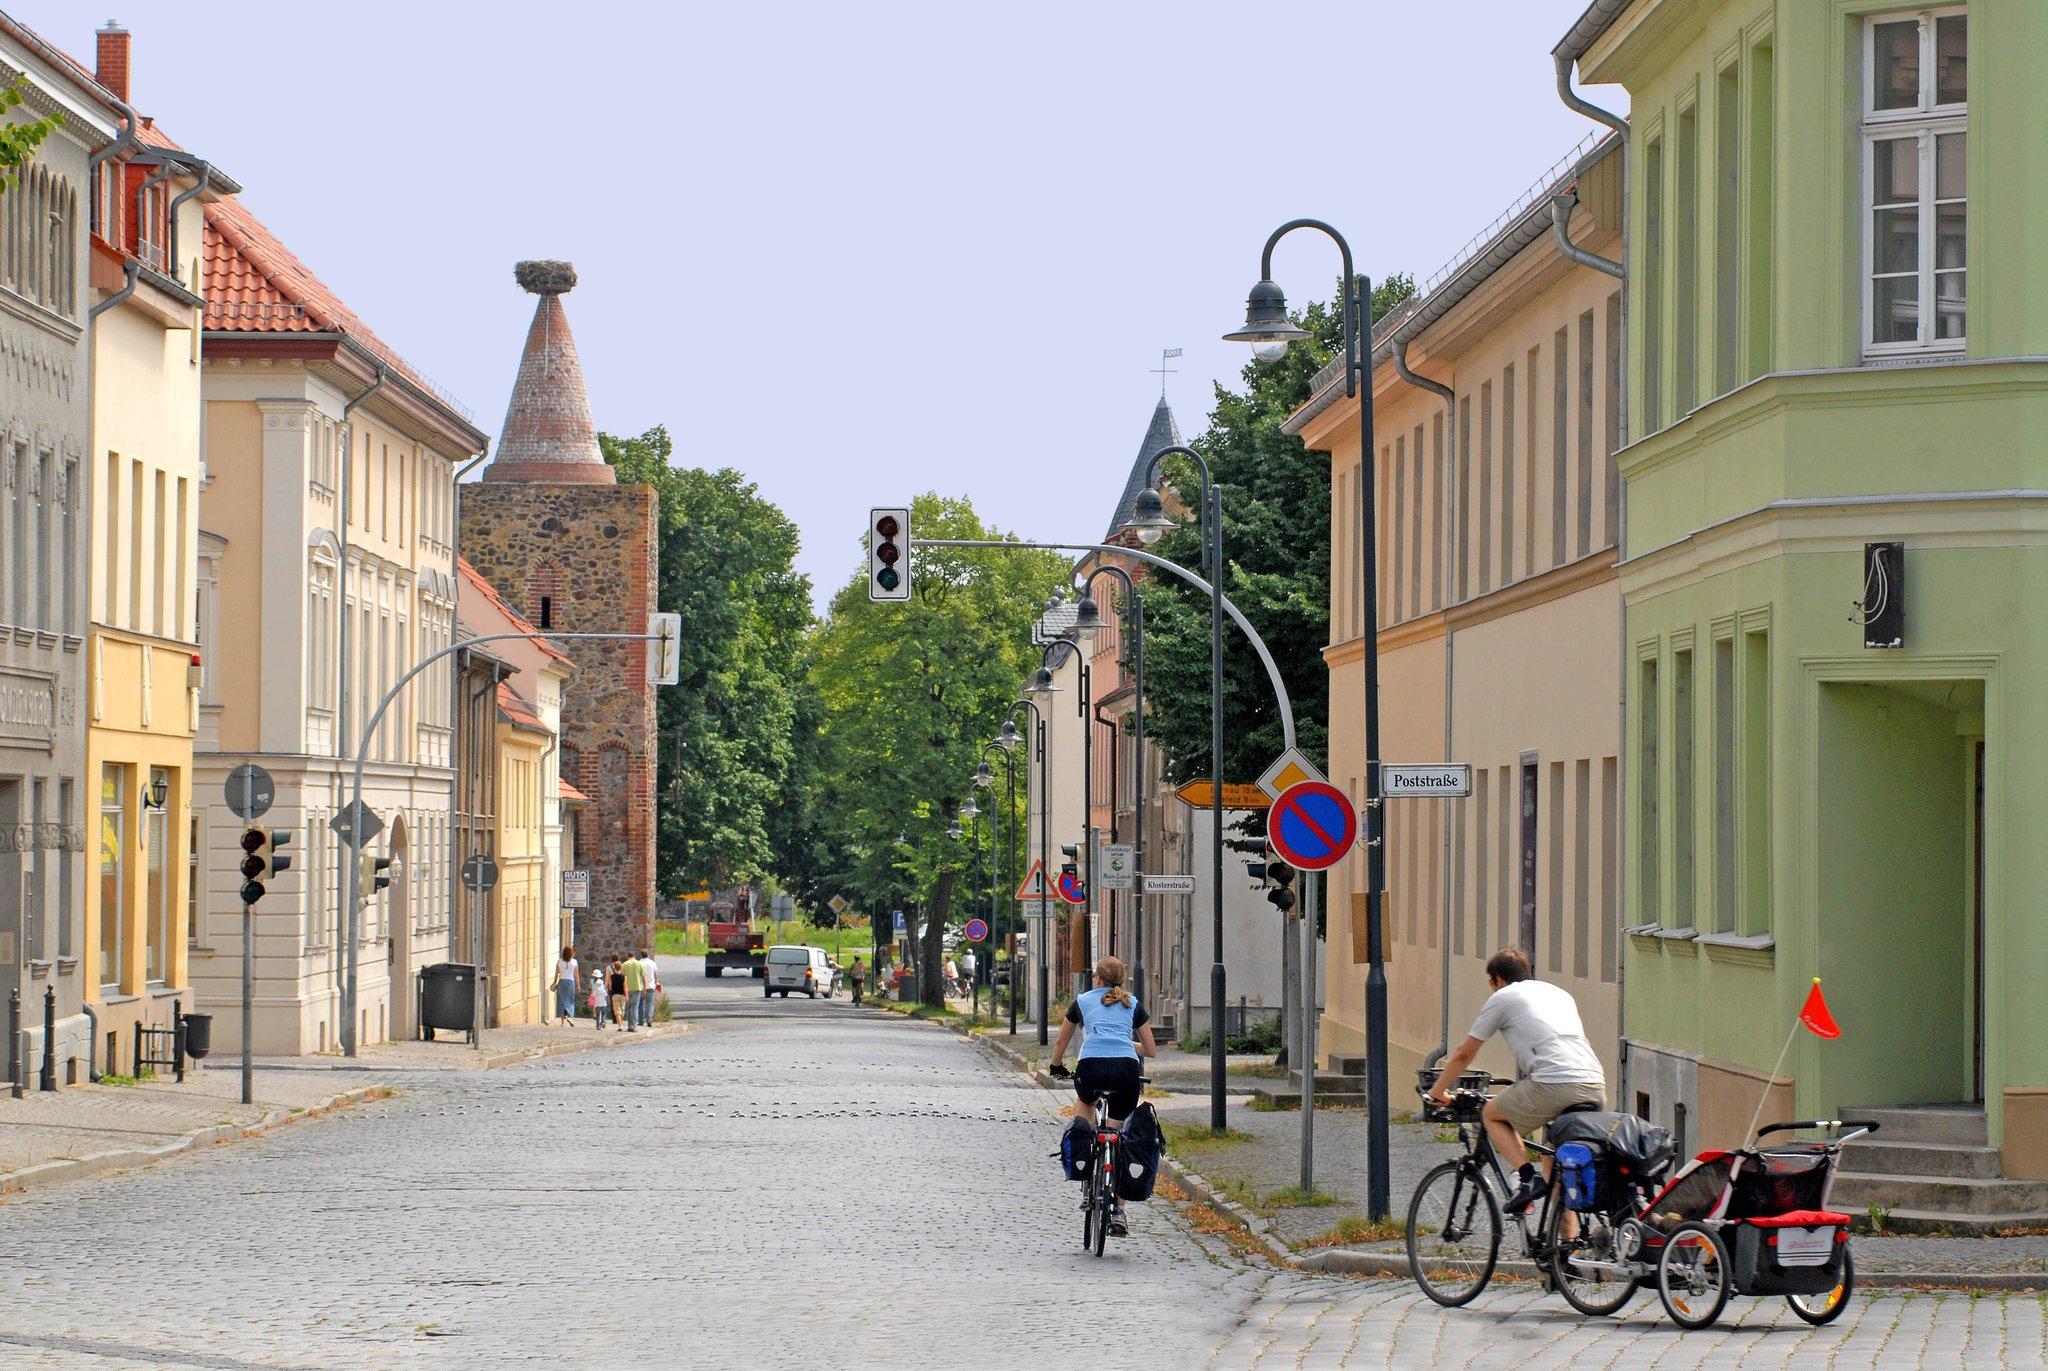 Radtour Mit Dem Fahrrad Von Ahrensfelde Nach Altlandsberg Mitte